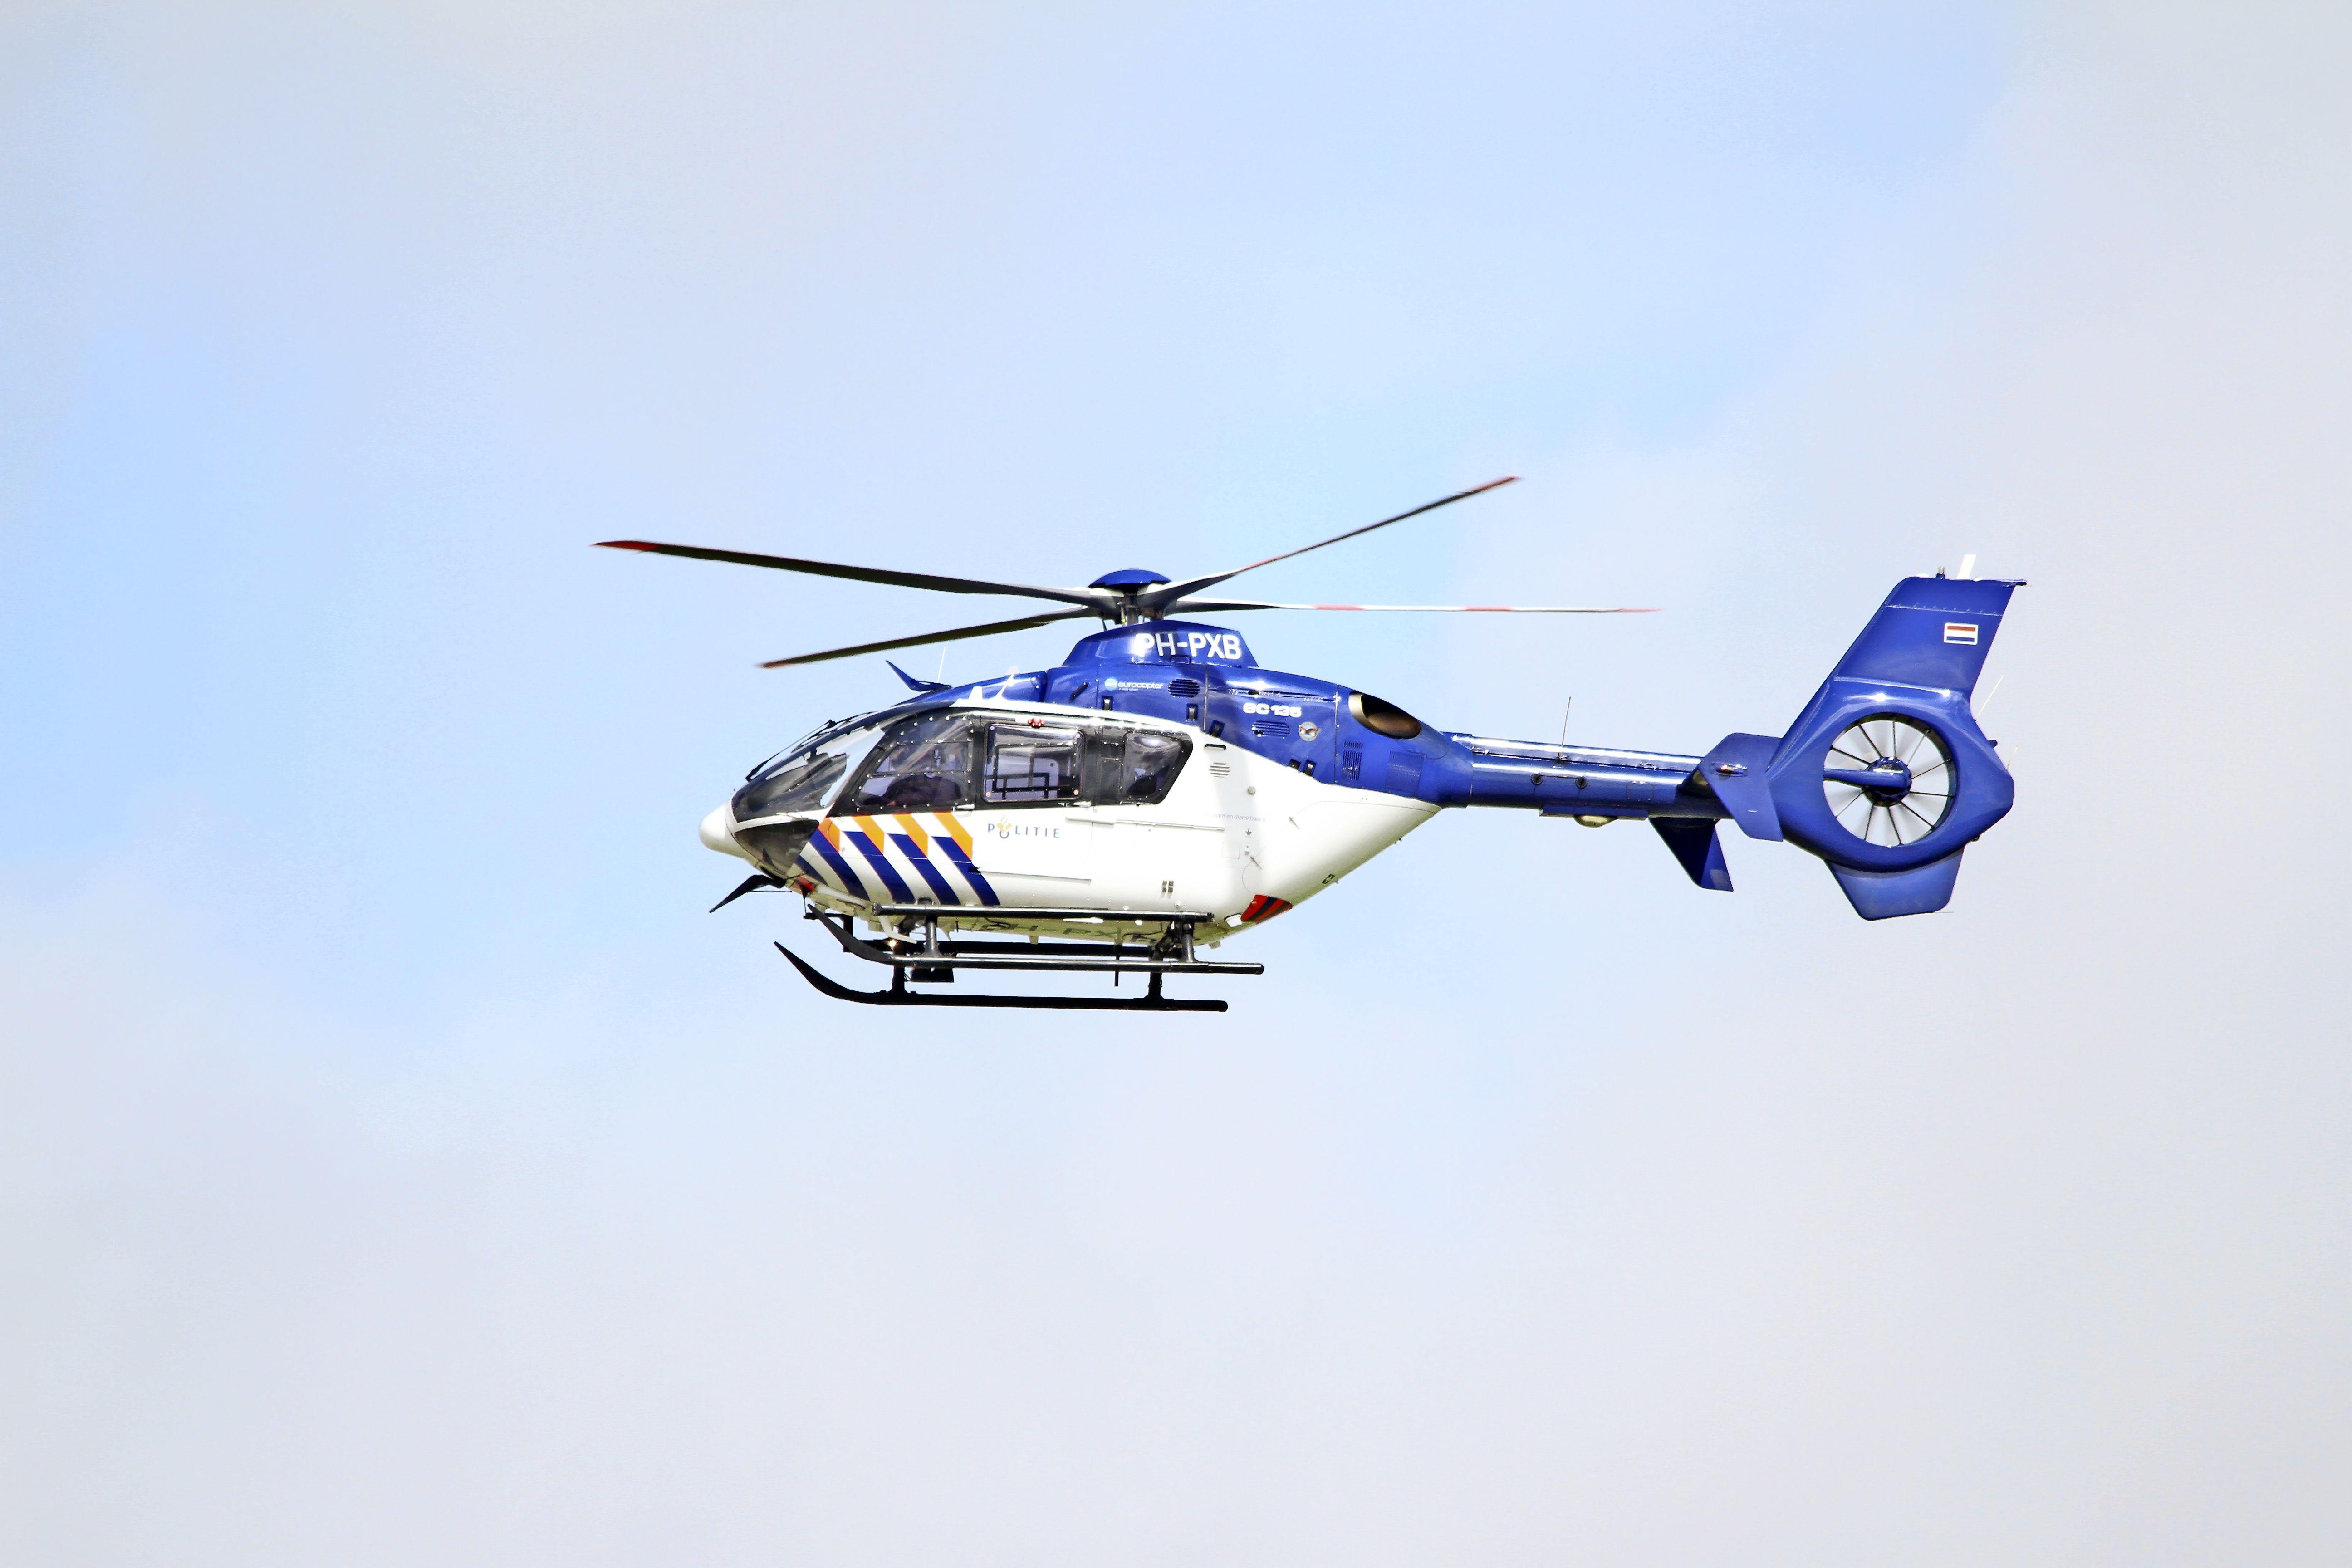 Politiehelikopter vliegt al de hele dag laag rondom Texel, vermoedelijk een politie-oefening